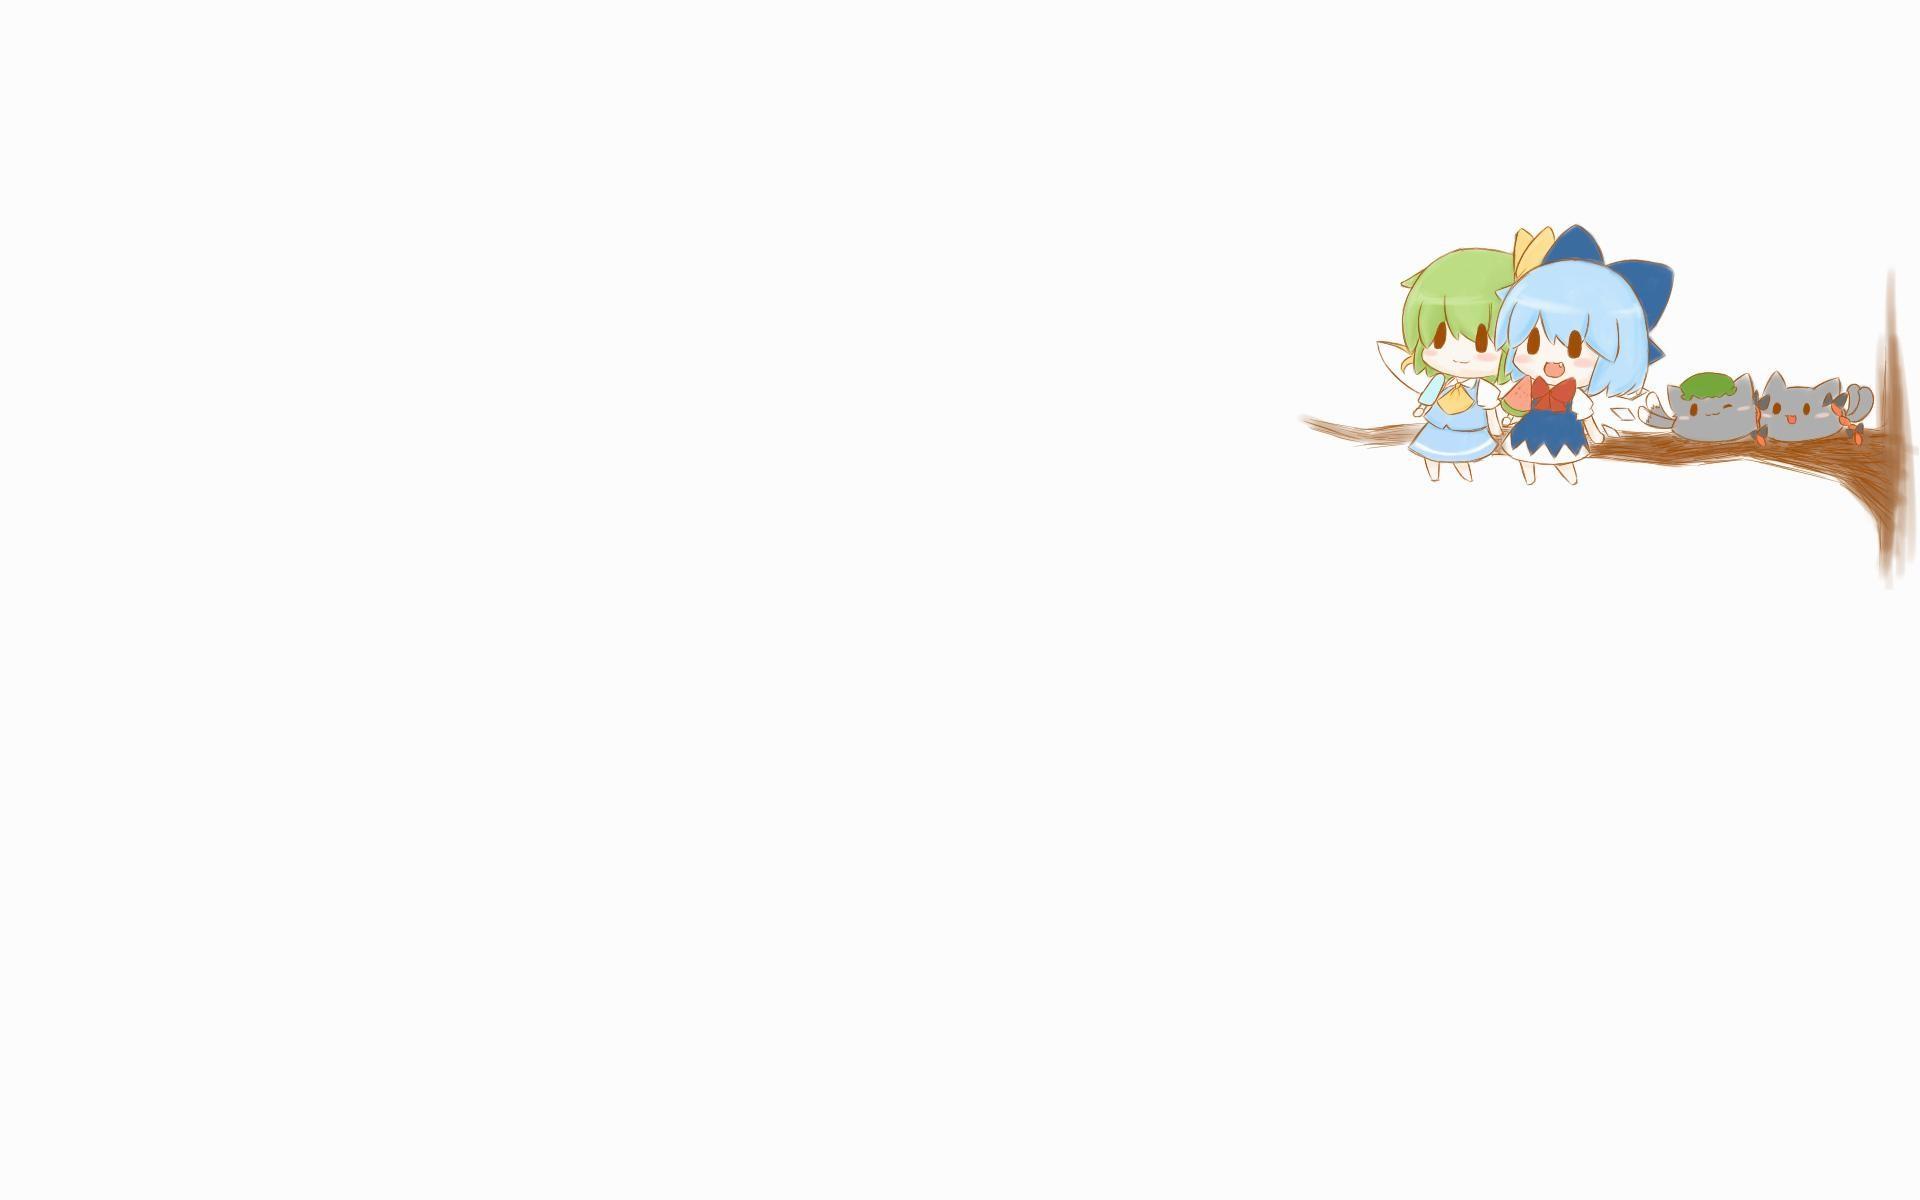 wallpaper.wiki-Touhou-Chibi-Wallpaper-PIC-WPC006858-1